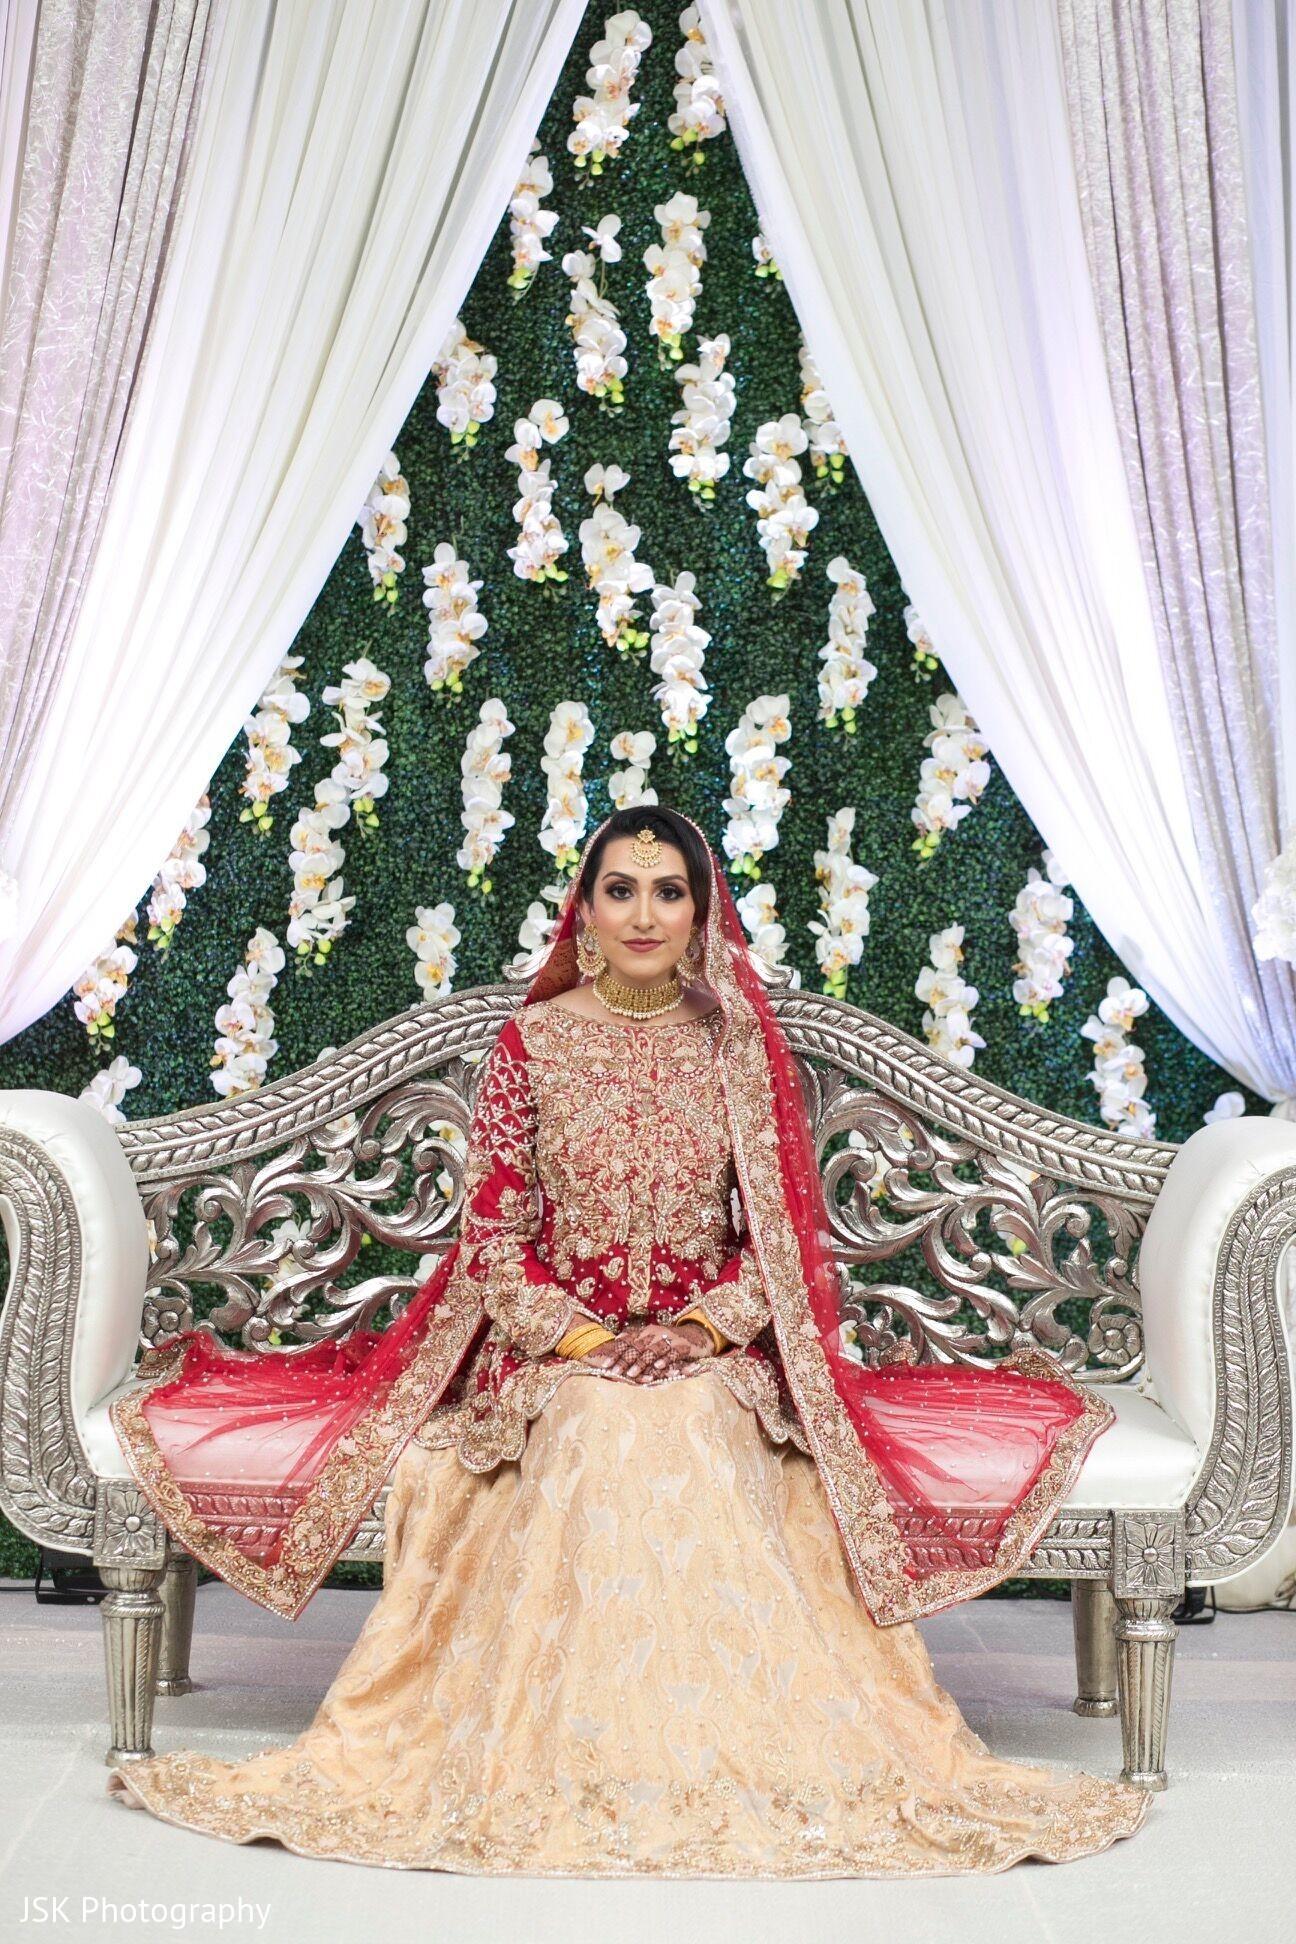 Sacramento Ca Pakistani Wedding By Jsk Photography Post